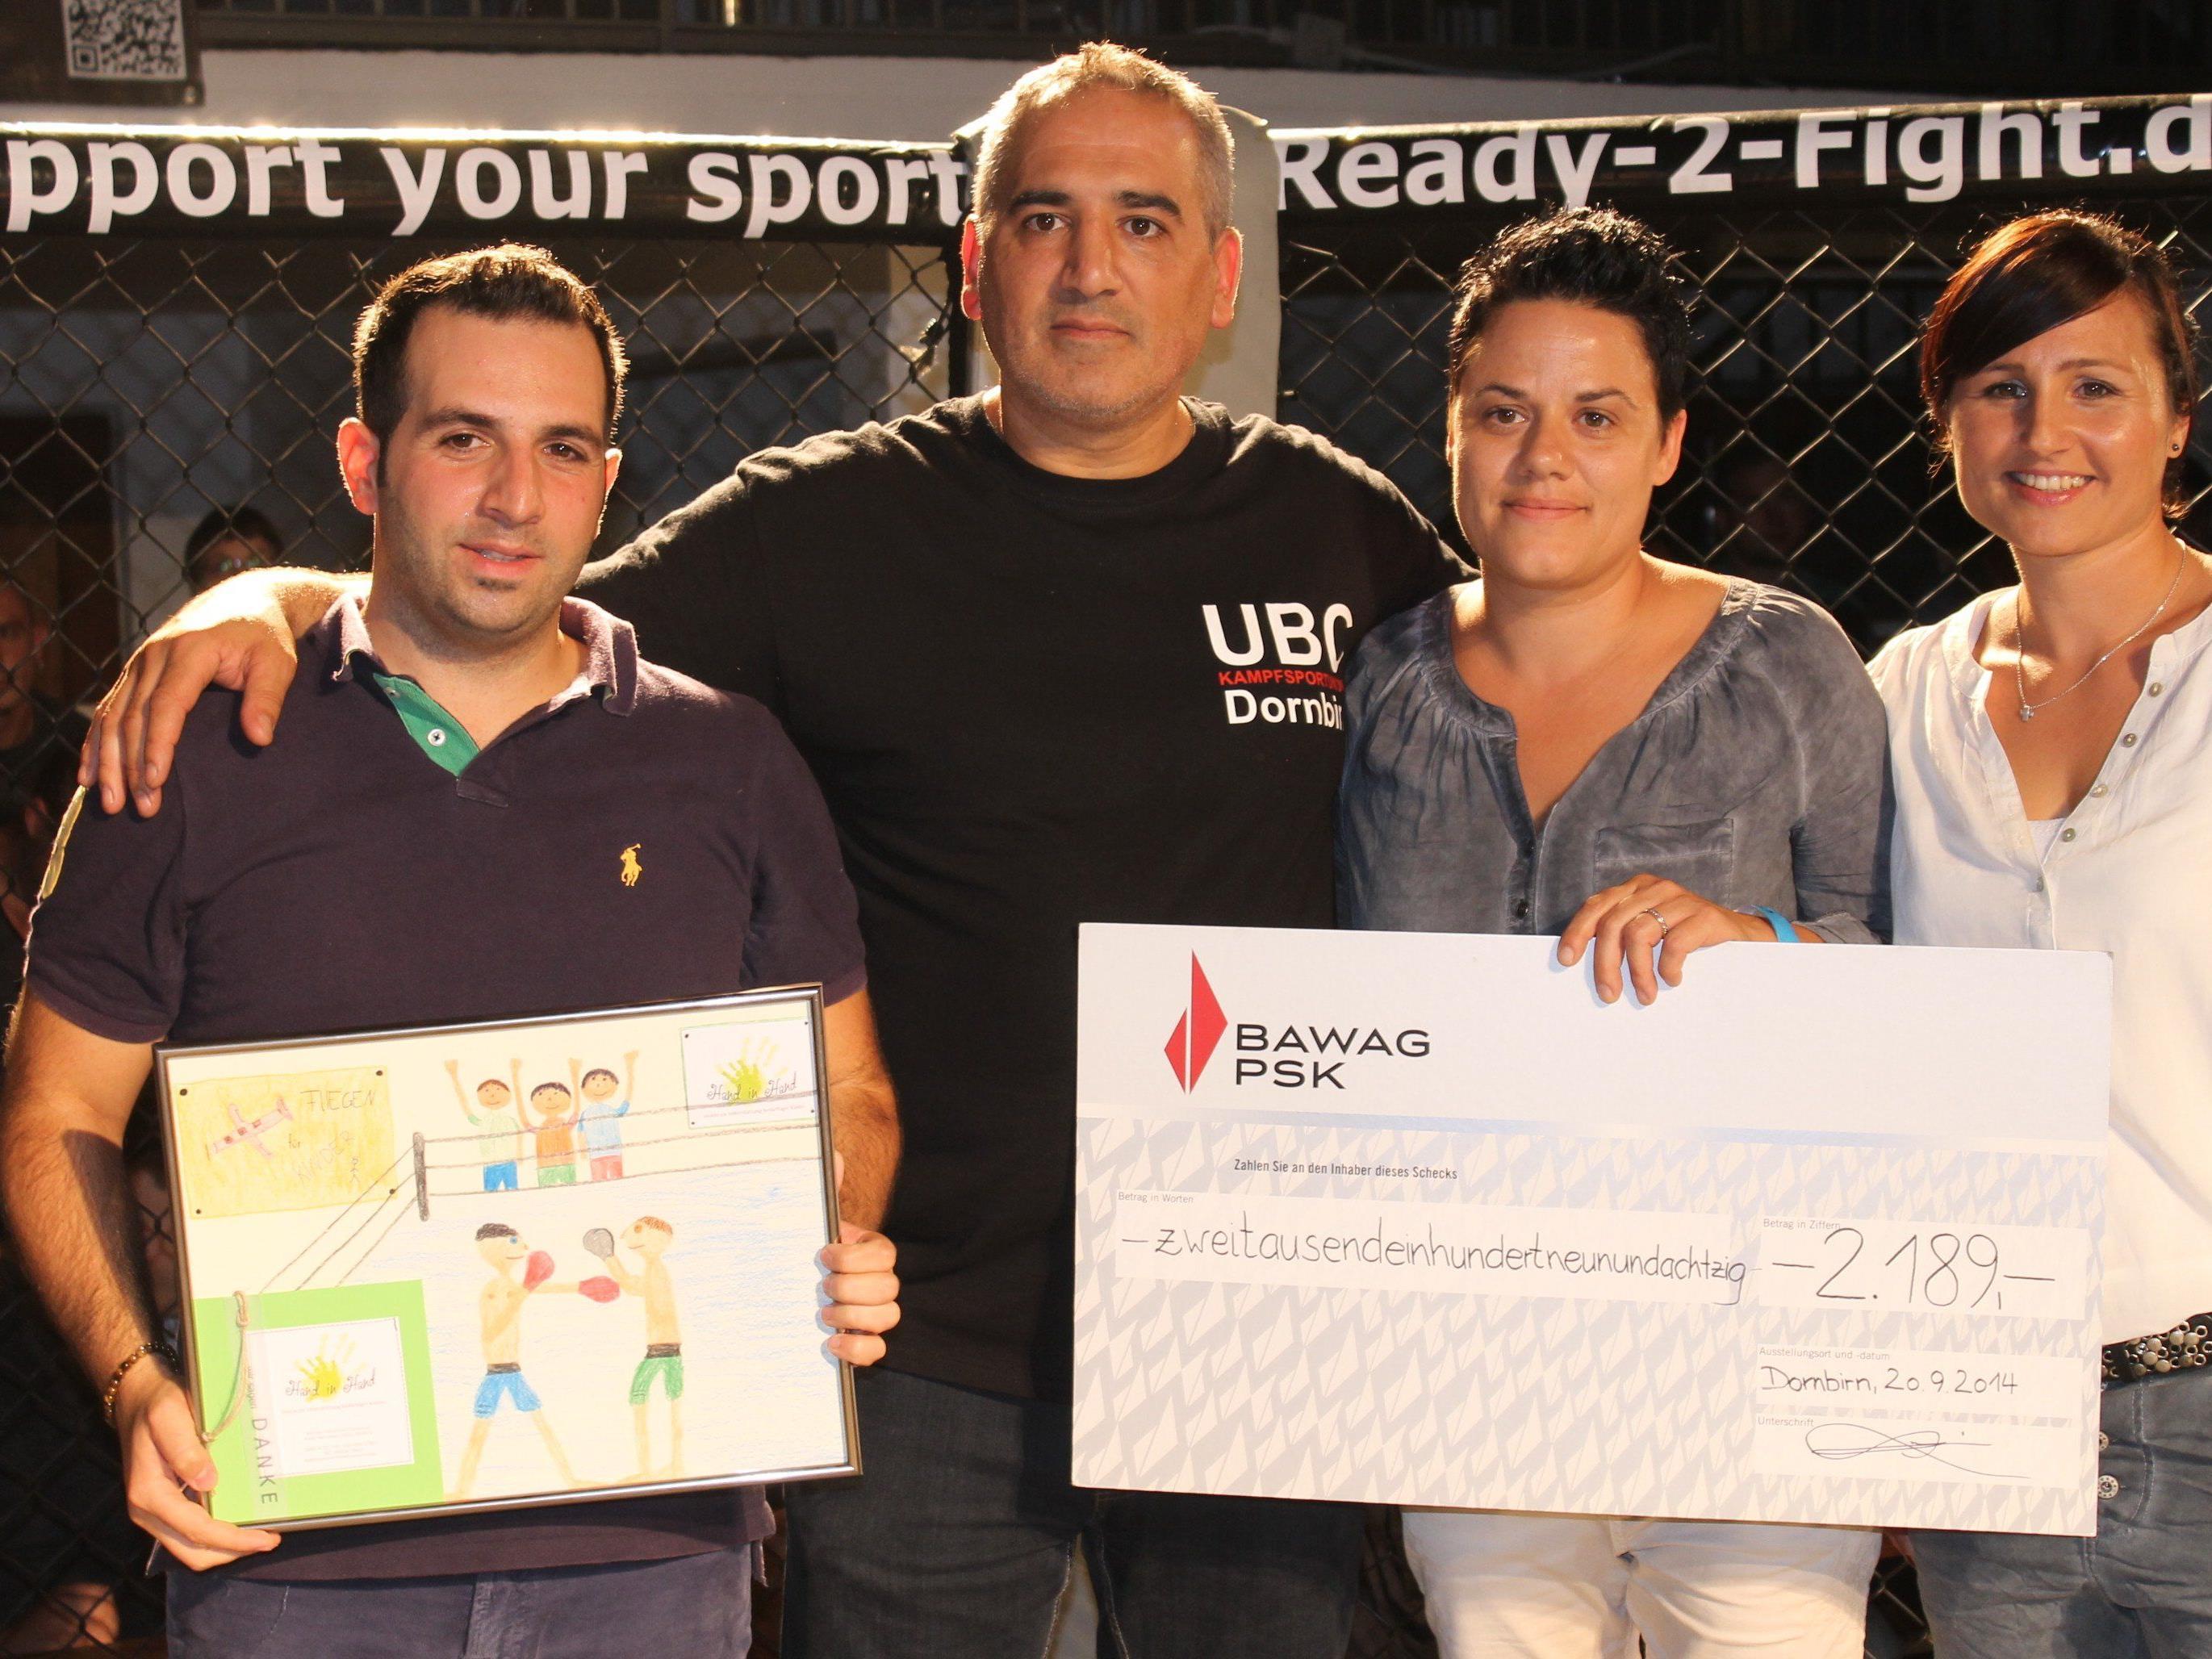 Organisator Selahattin Kilic, Coach Fahrettin Öztürk von der Kampfsportunion Dornbirn, Katja & Christiane Hammerer von Hand in Hand freuen sich über den tollen Erfolg der Charity-Fight-Night Nummer 2.